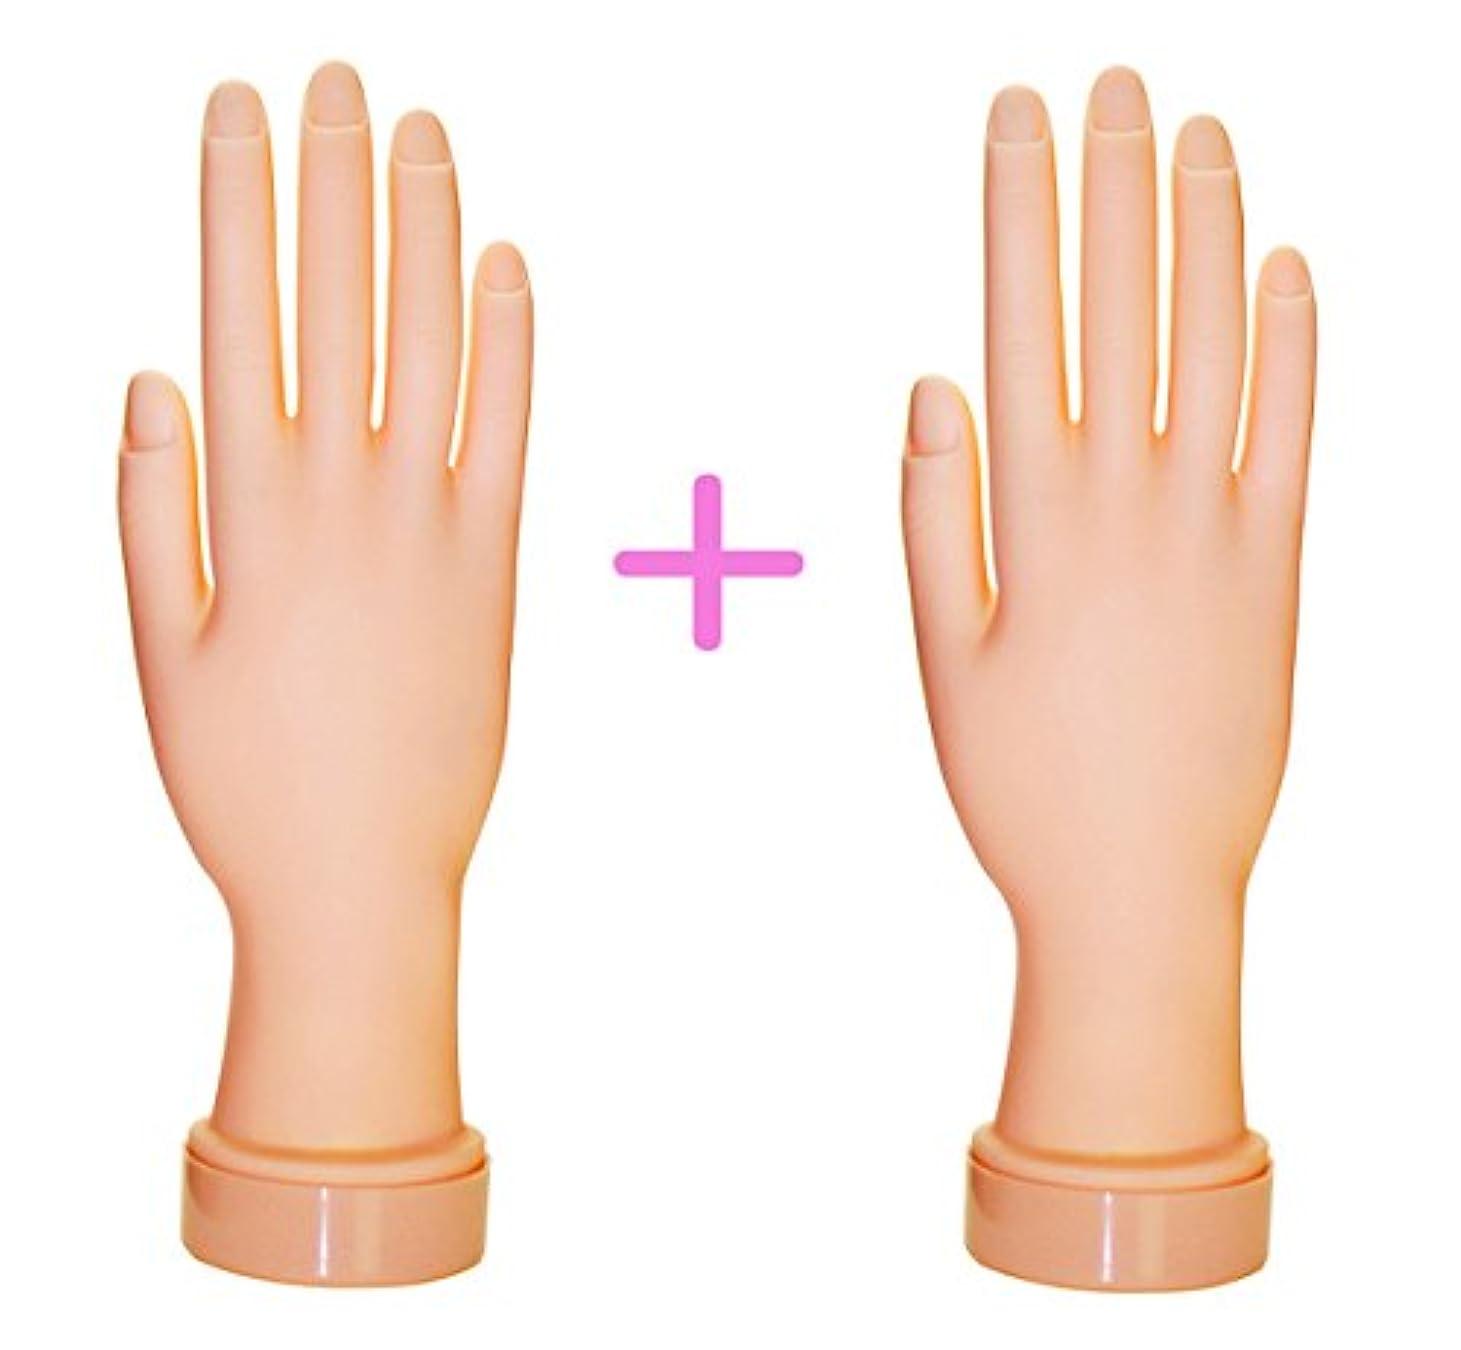 リダクター事業吸収【訳あり】ネイル練習用ハンドマネキン2個(右手/左手)/チップ差し込み式 (右手2個)